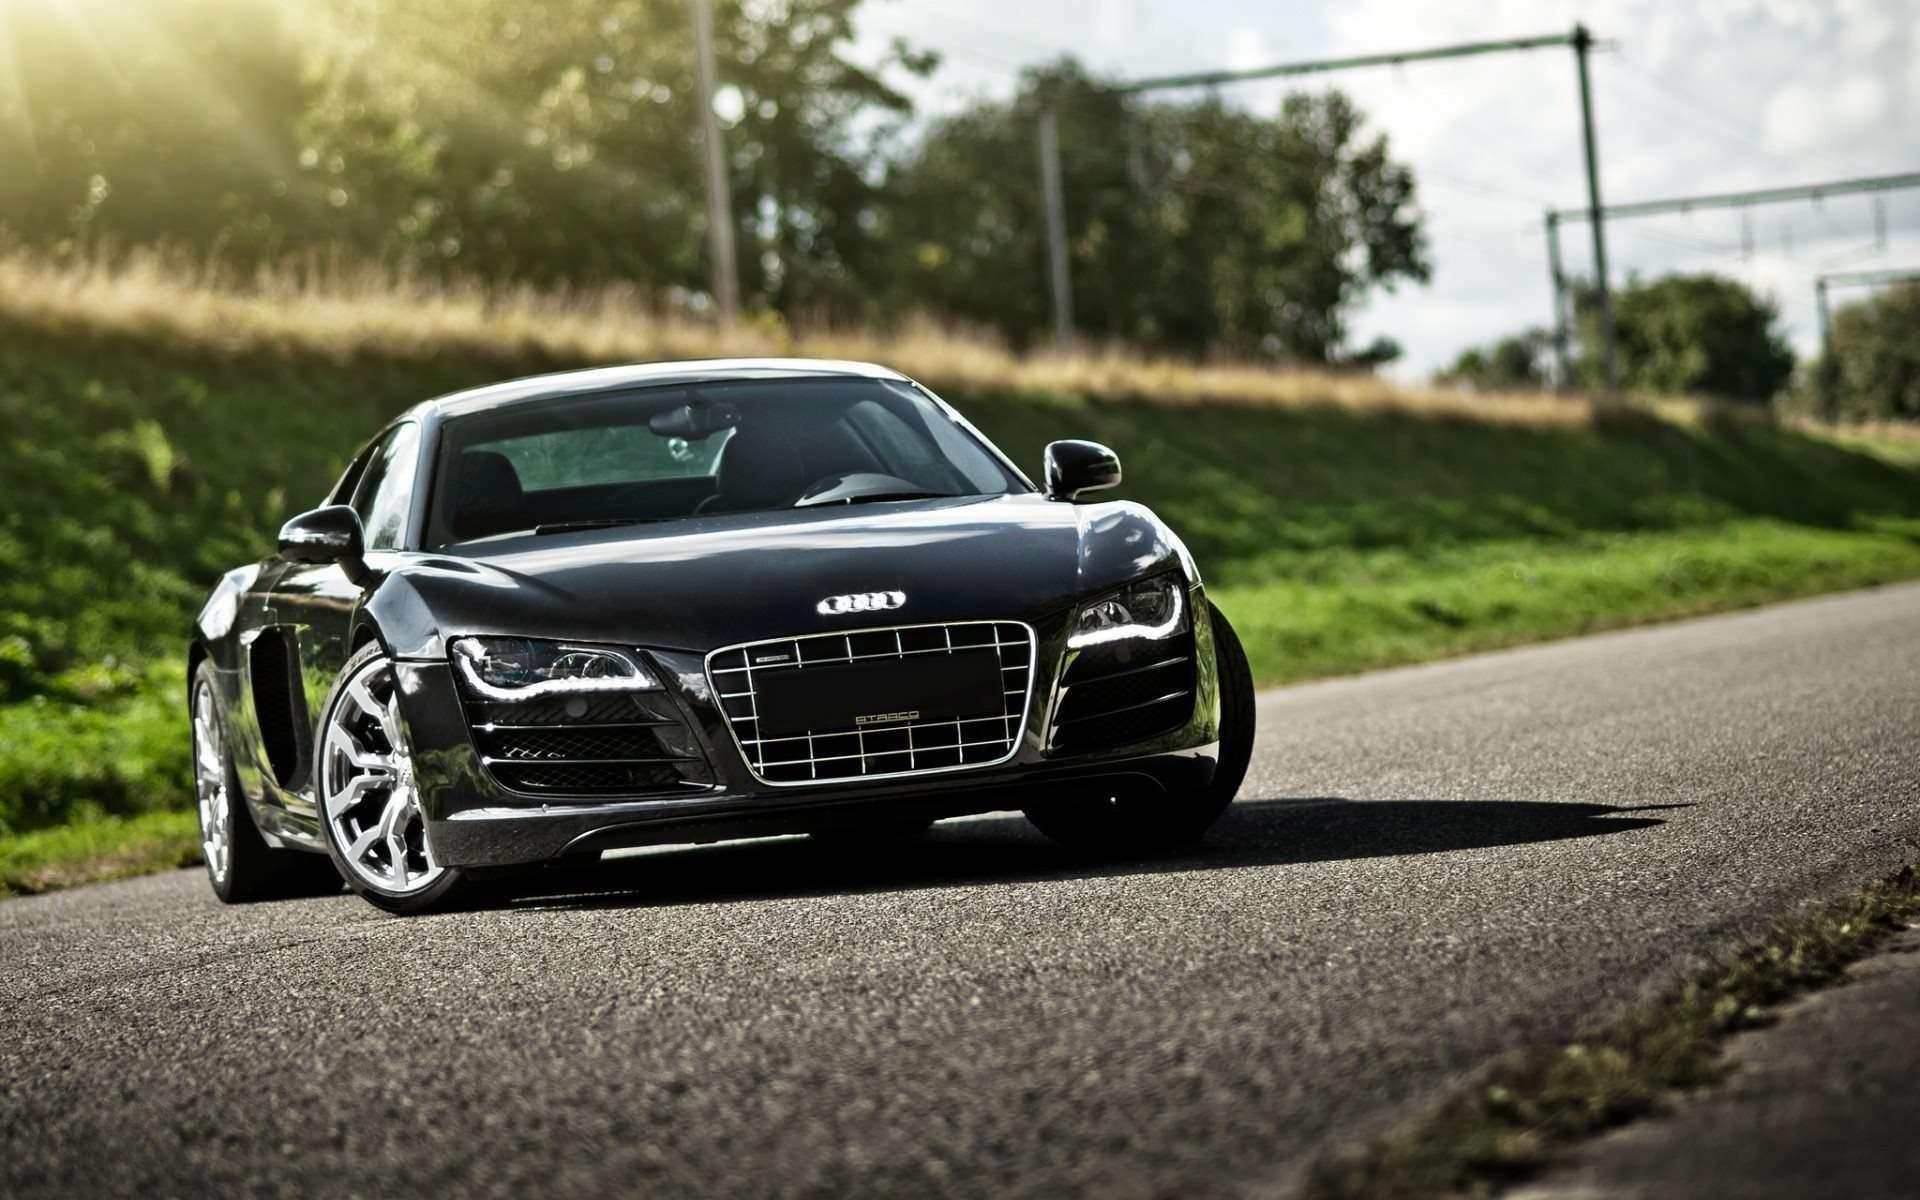 Matte Black Audi R8 Wallpaper - WallpaperSafari